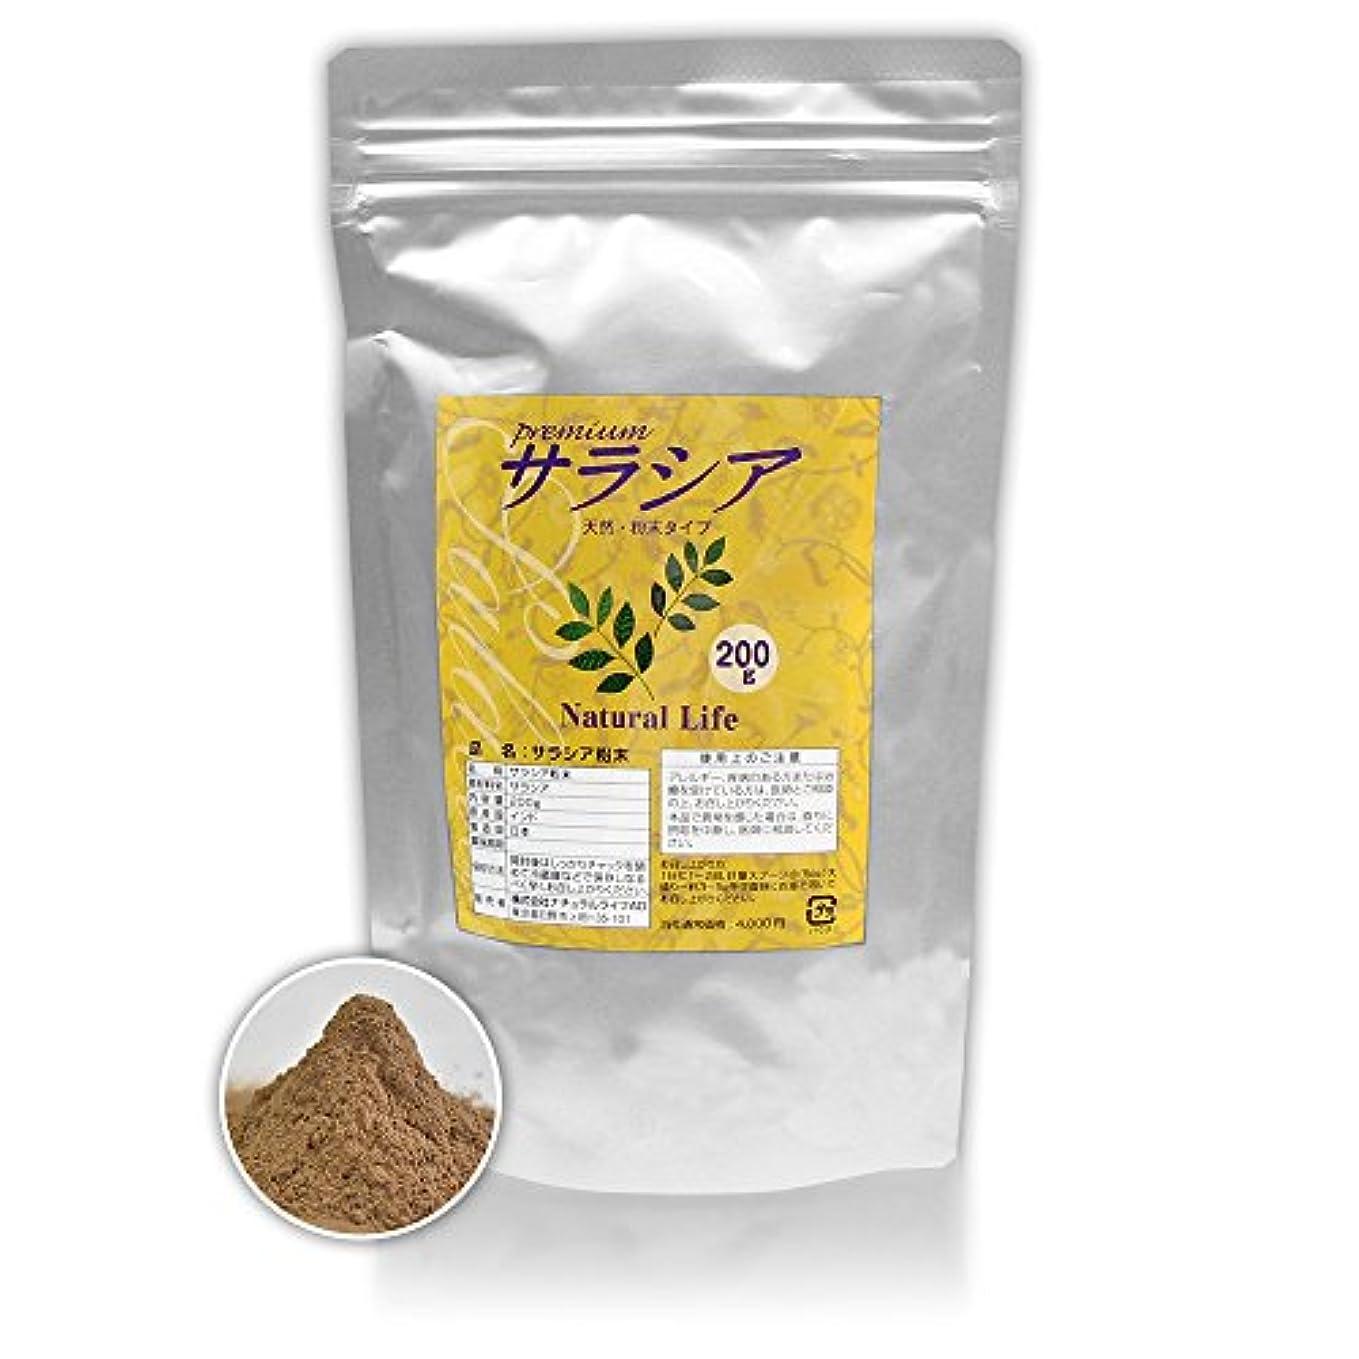 乙女特に提供サラシア粉末[200g]天然ピュア原料(無添加)健康食品(さらしあ,レティキュラータ)